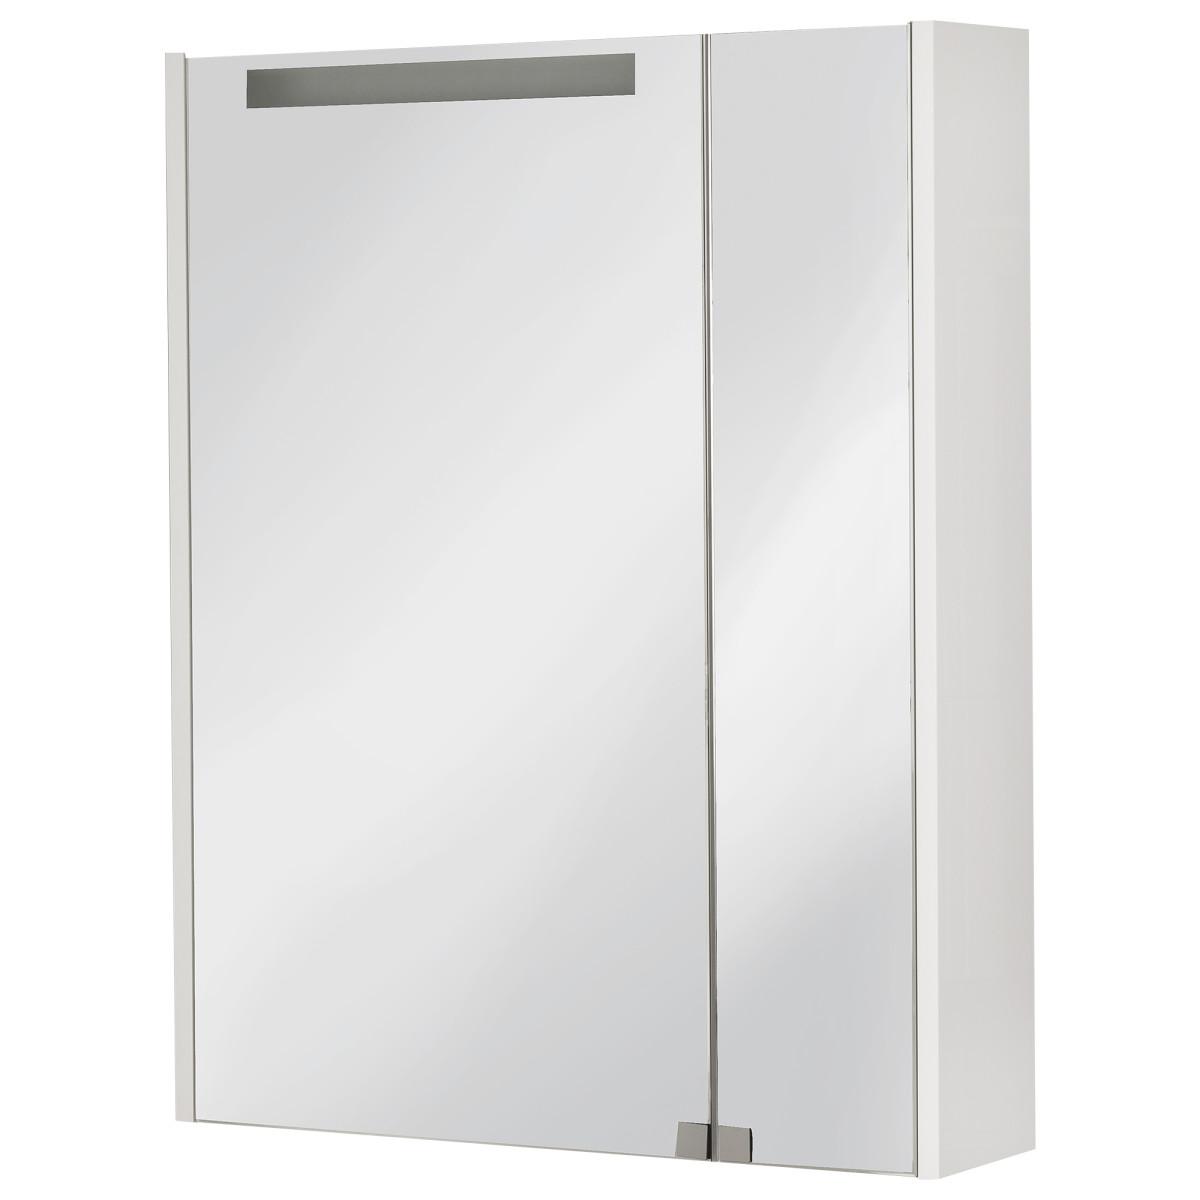 Шкаф зеркальный Aquaton Мерида 65 см